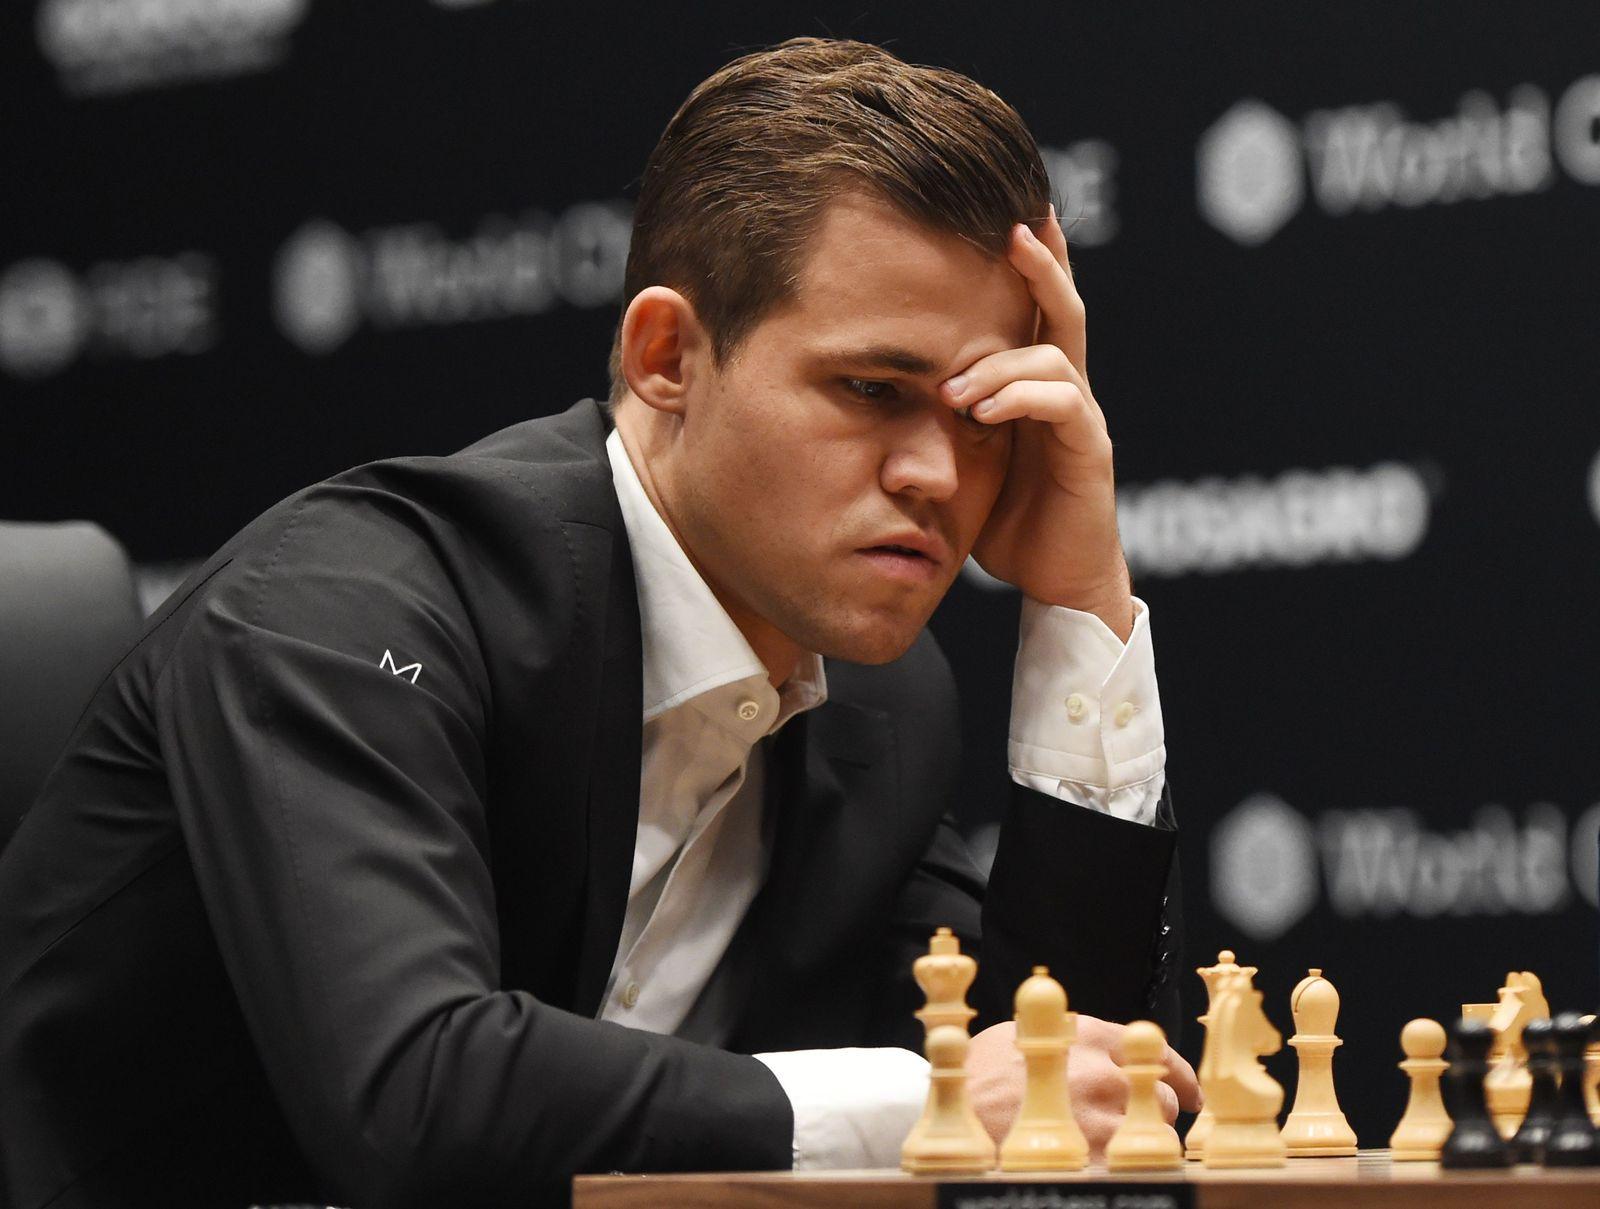 Schach-WM Magnus Carlsen